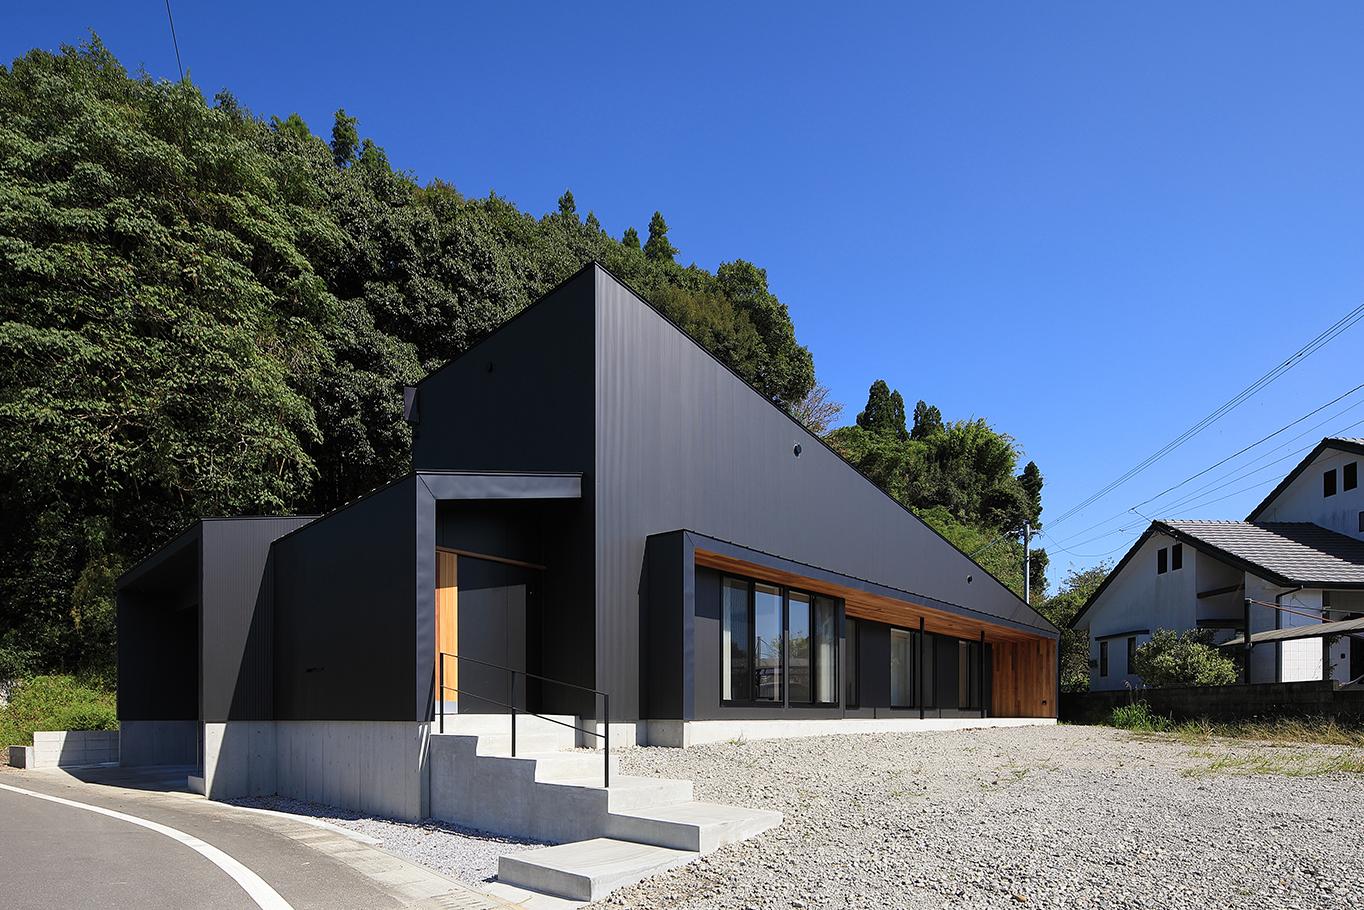 House-FKSM【 Bberg 】